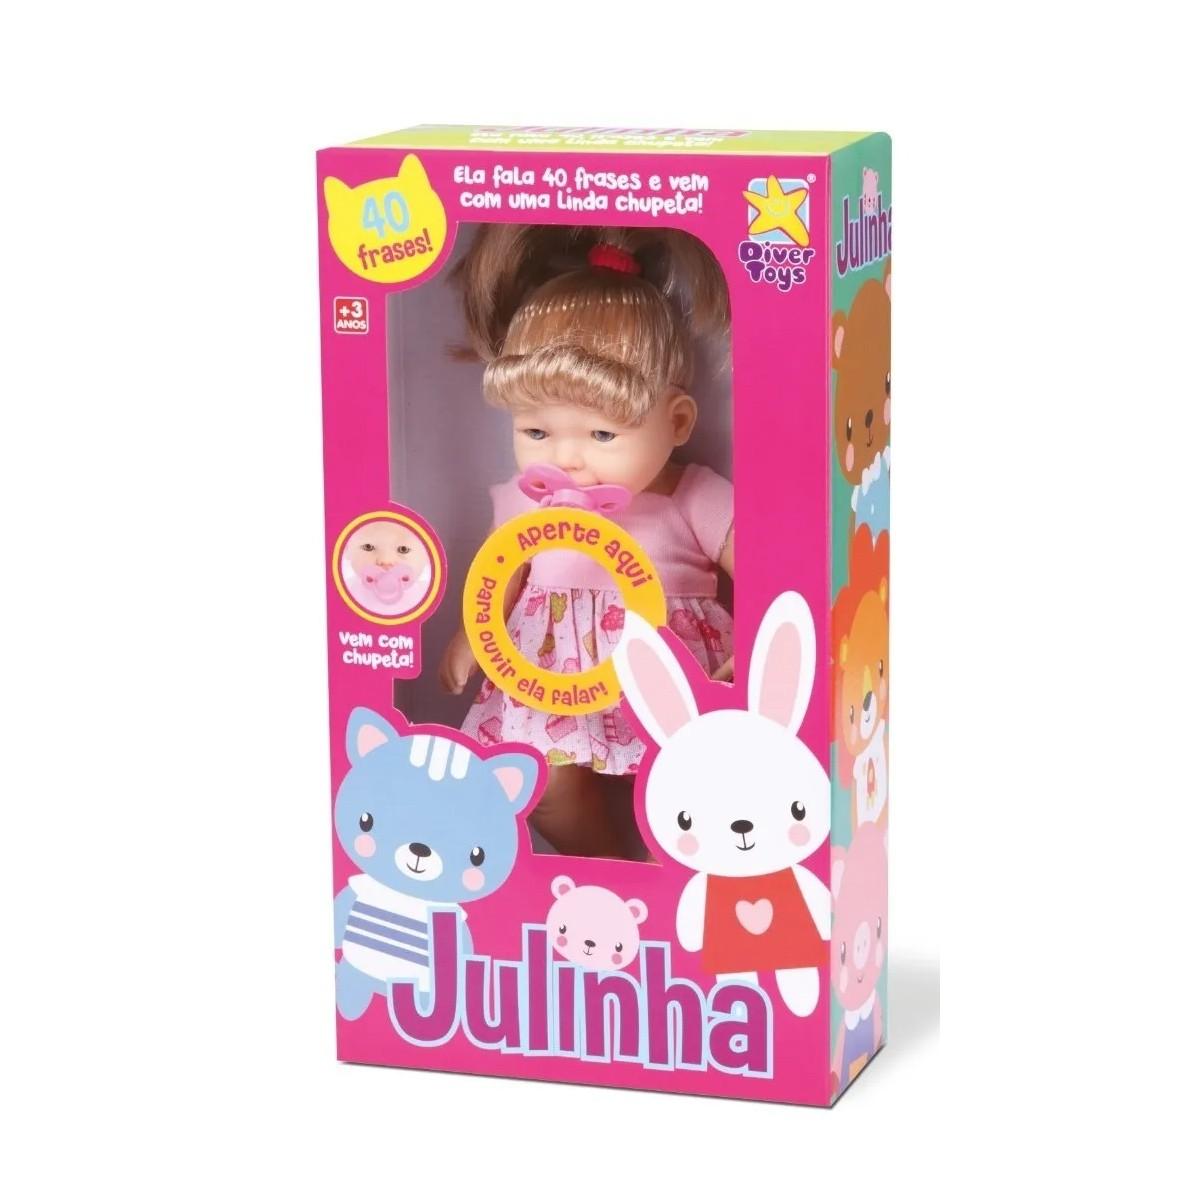 Boneca Julinha da DiverToys fala 40 frases